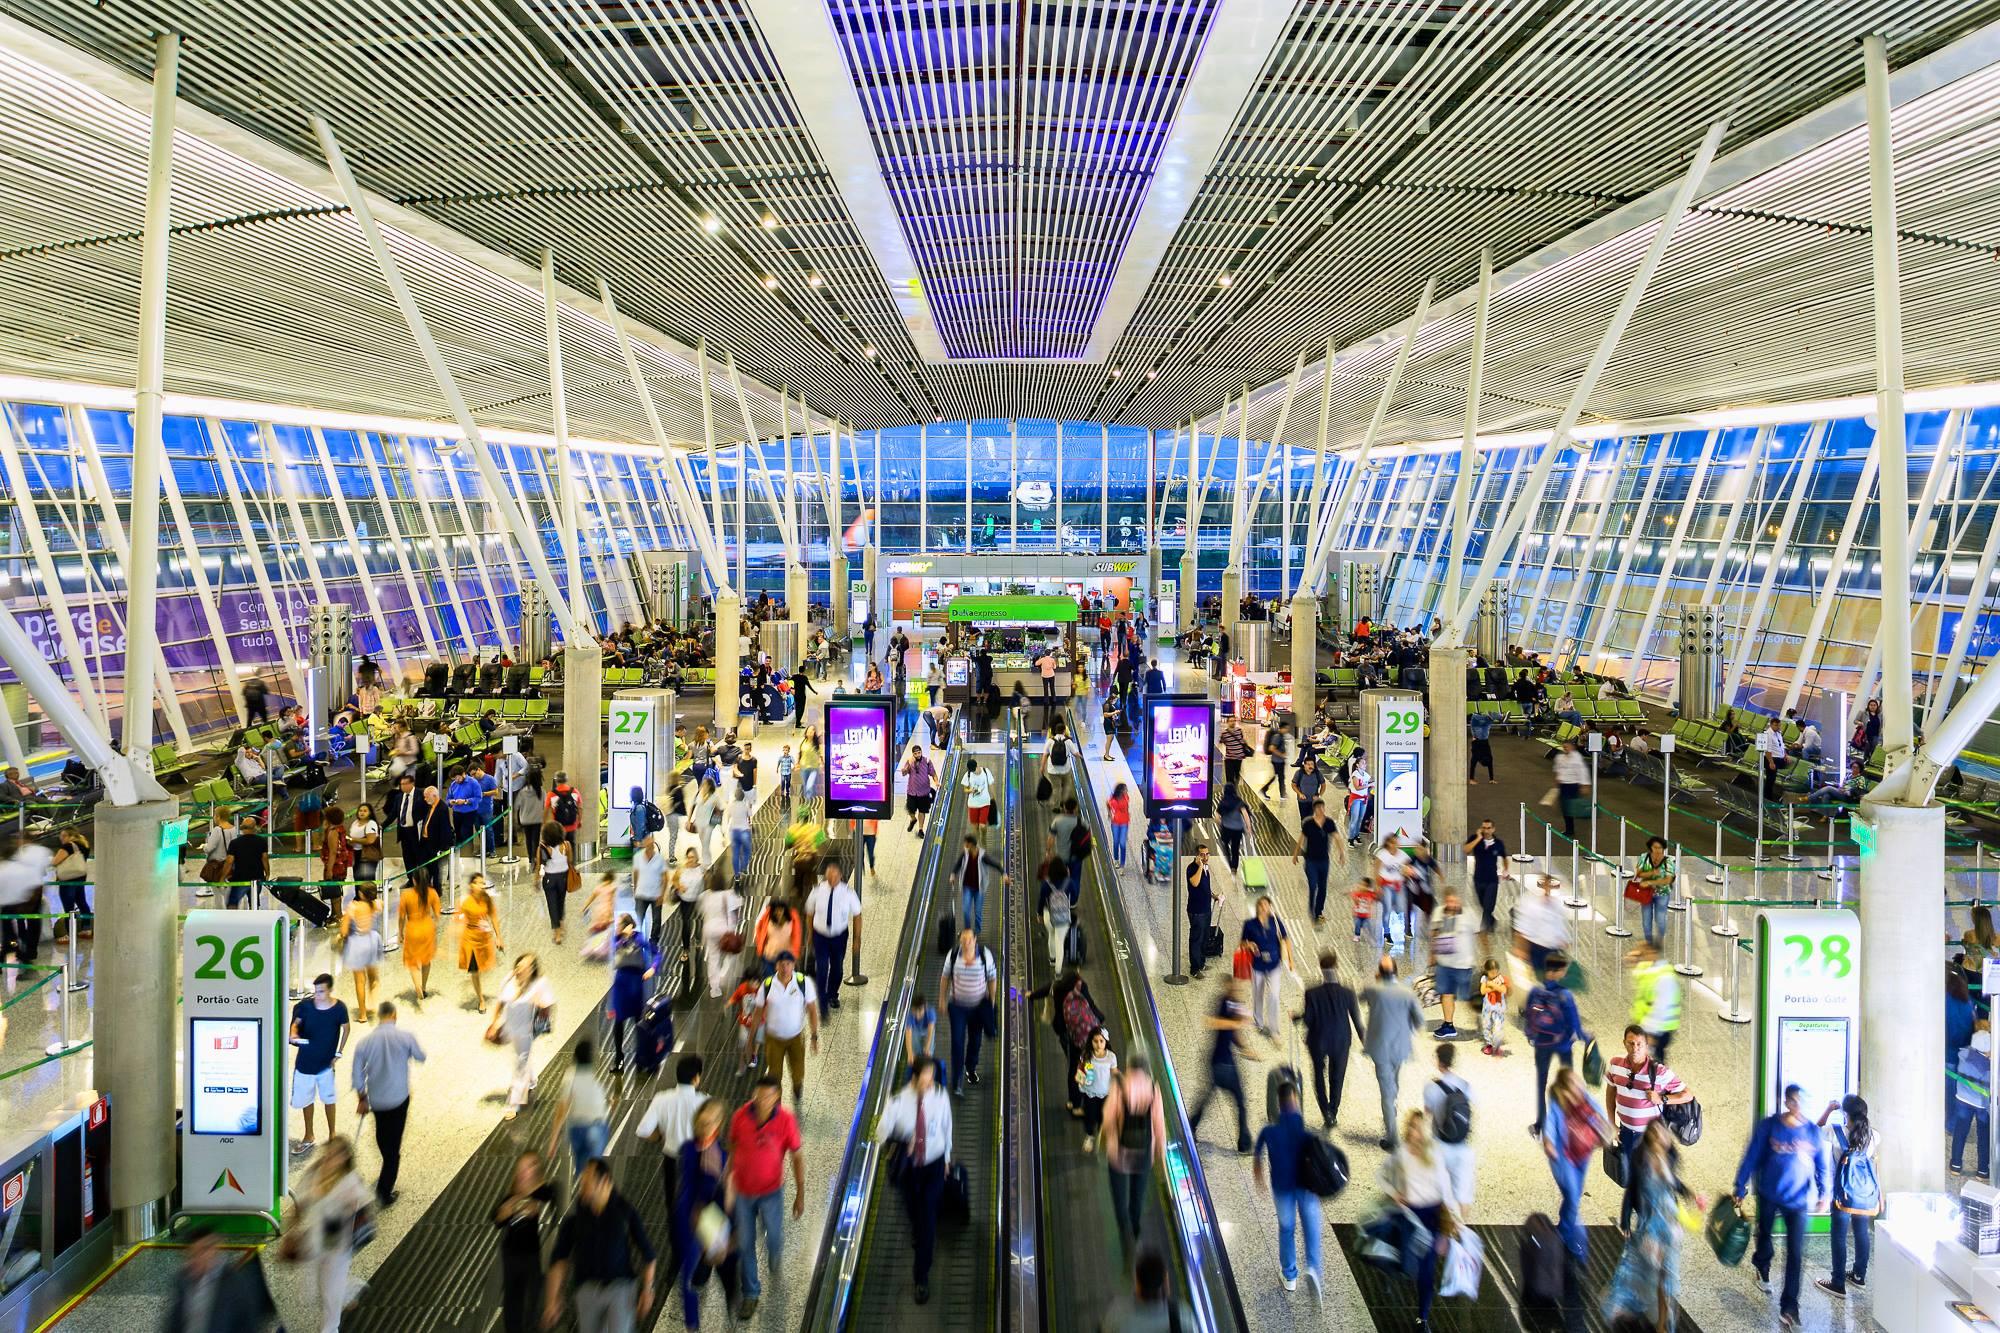 Aeroporto Brasilia